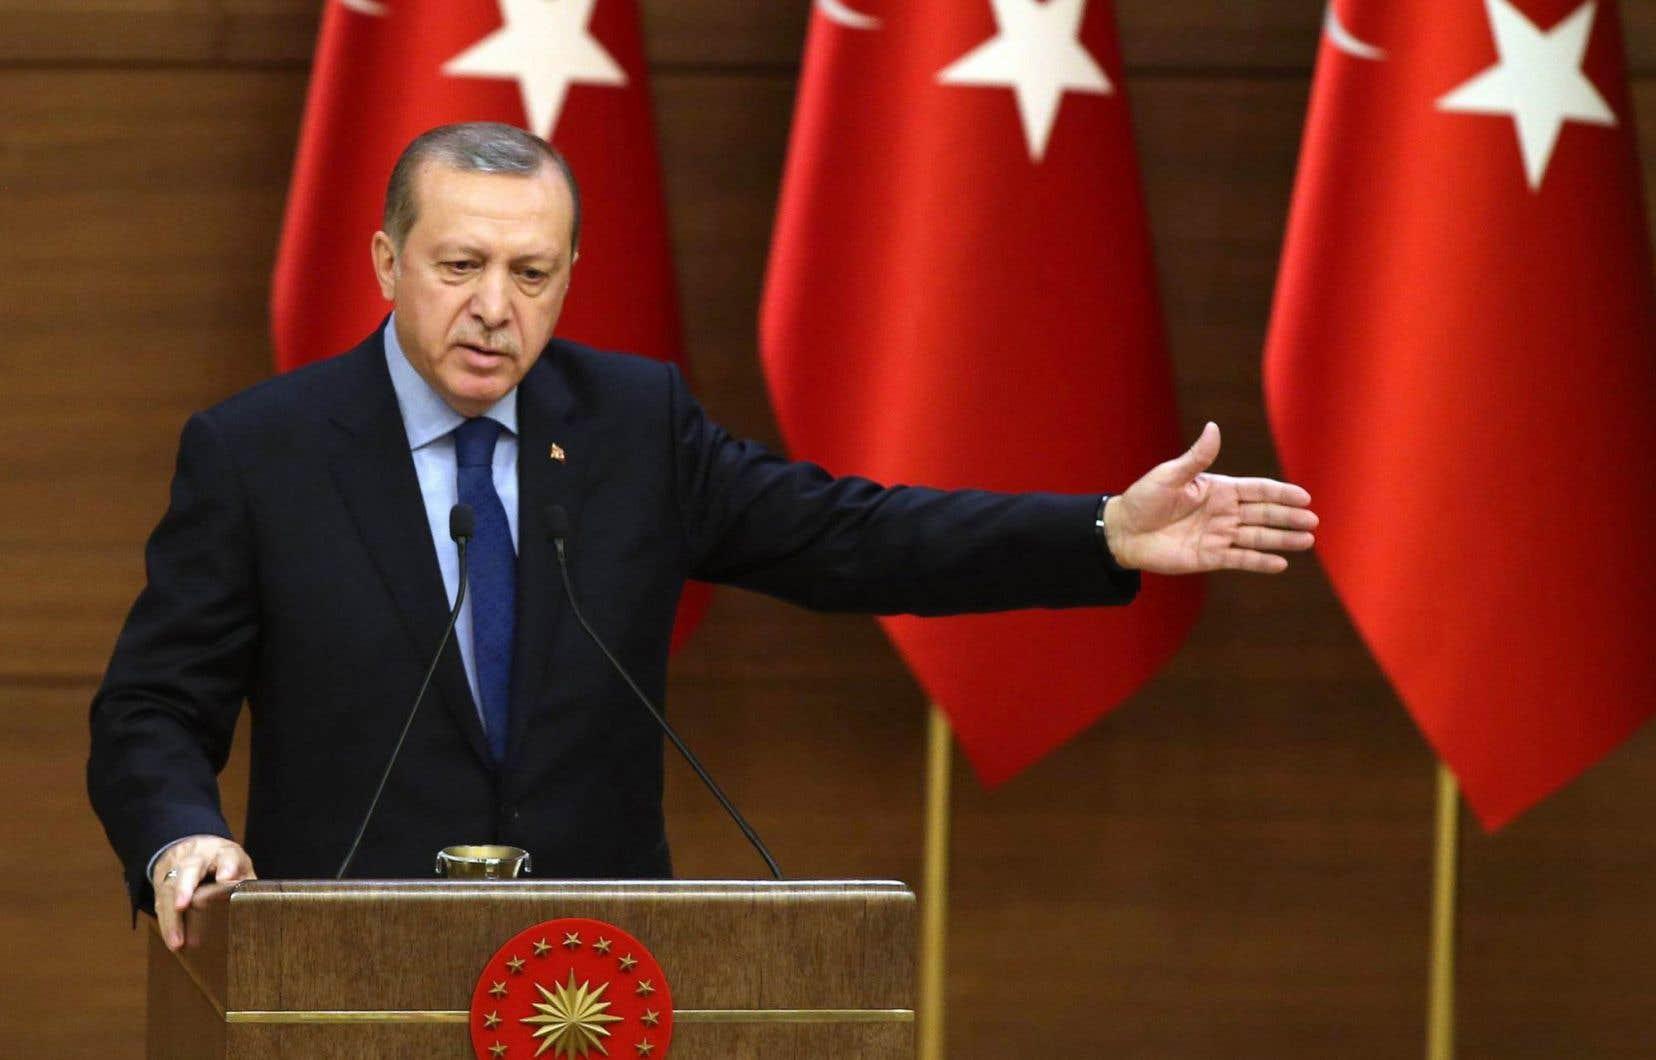 Le renforcement des prérogatives de M.Erdogan inquiète ses opposants, qui l'accusent de dérive autoritaire.